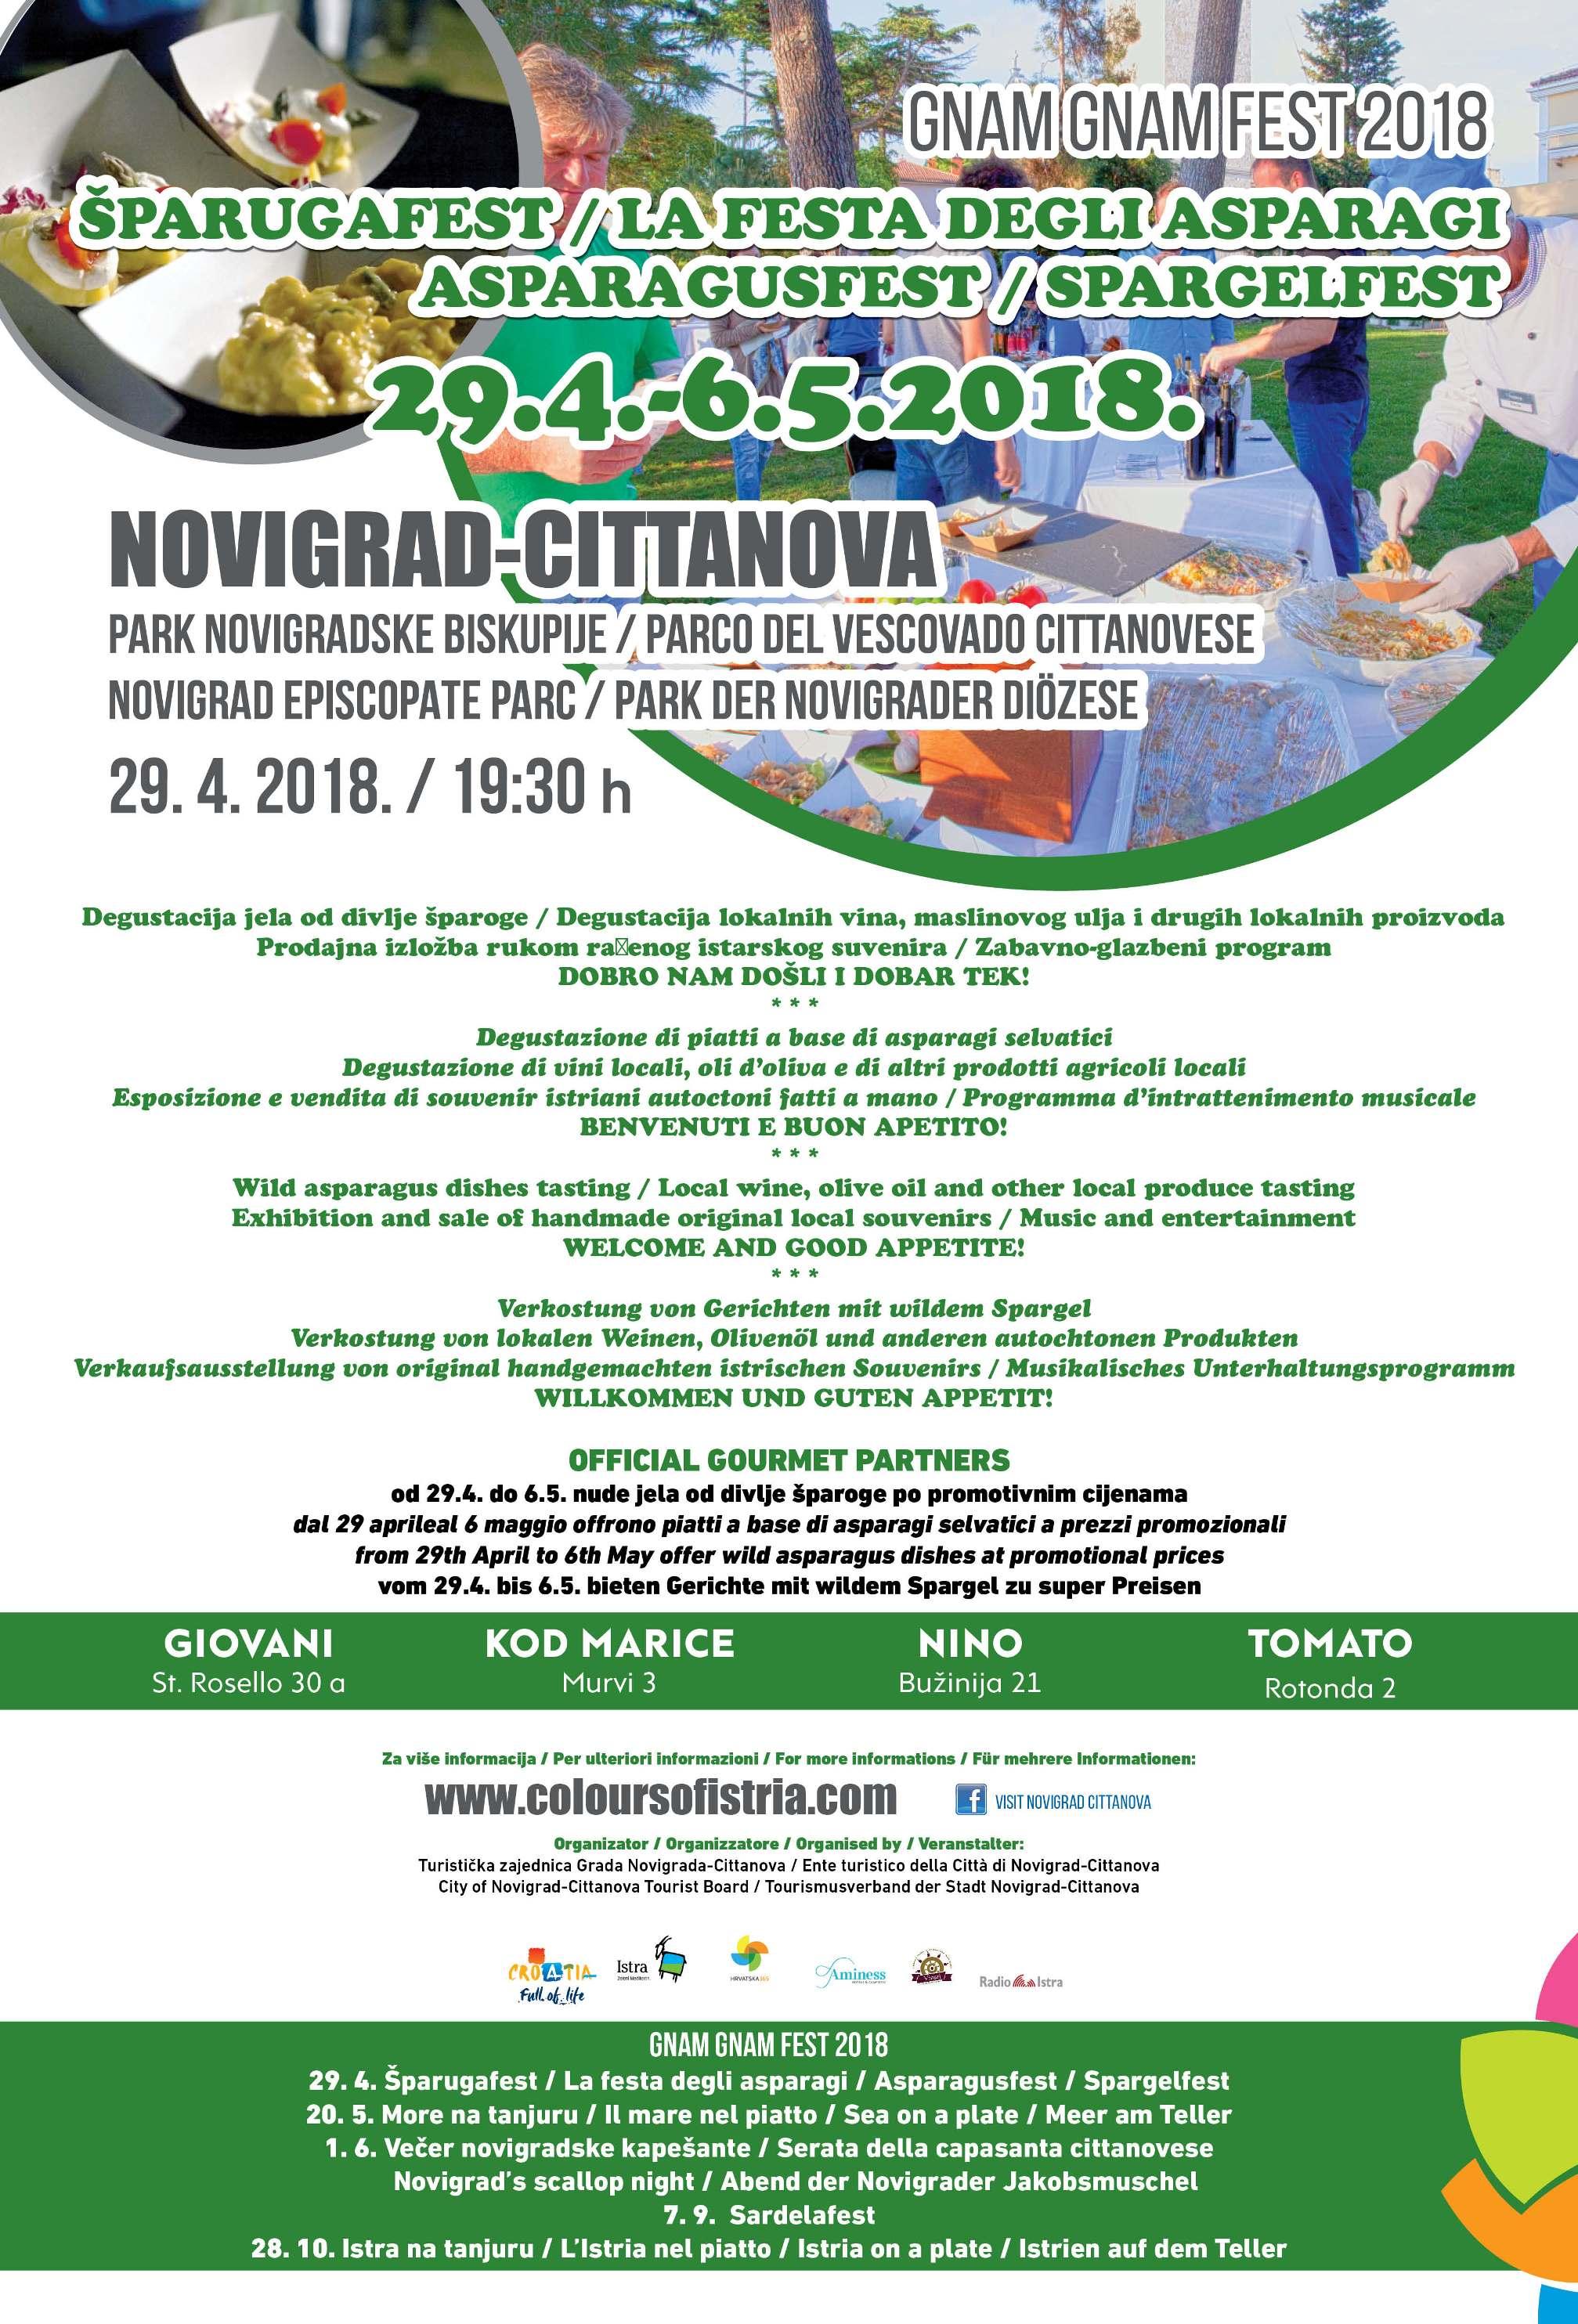 https://novigrad.hr/gnam_gnam_fest_shparugafest2